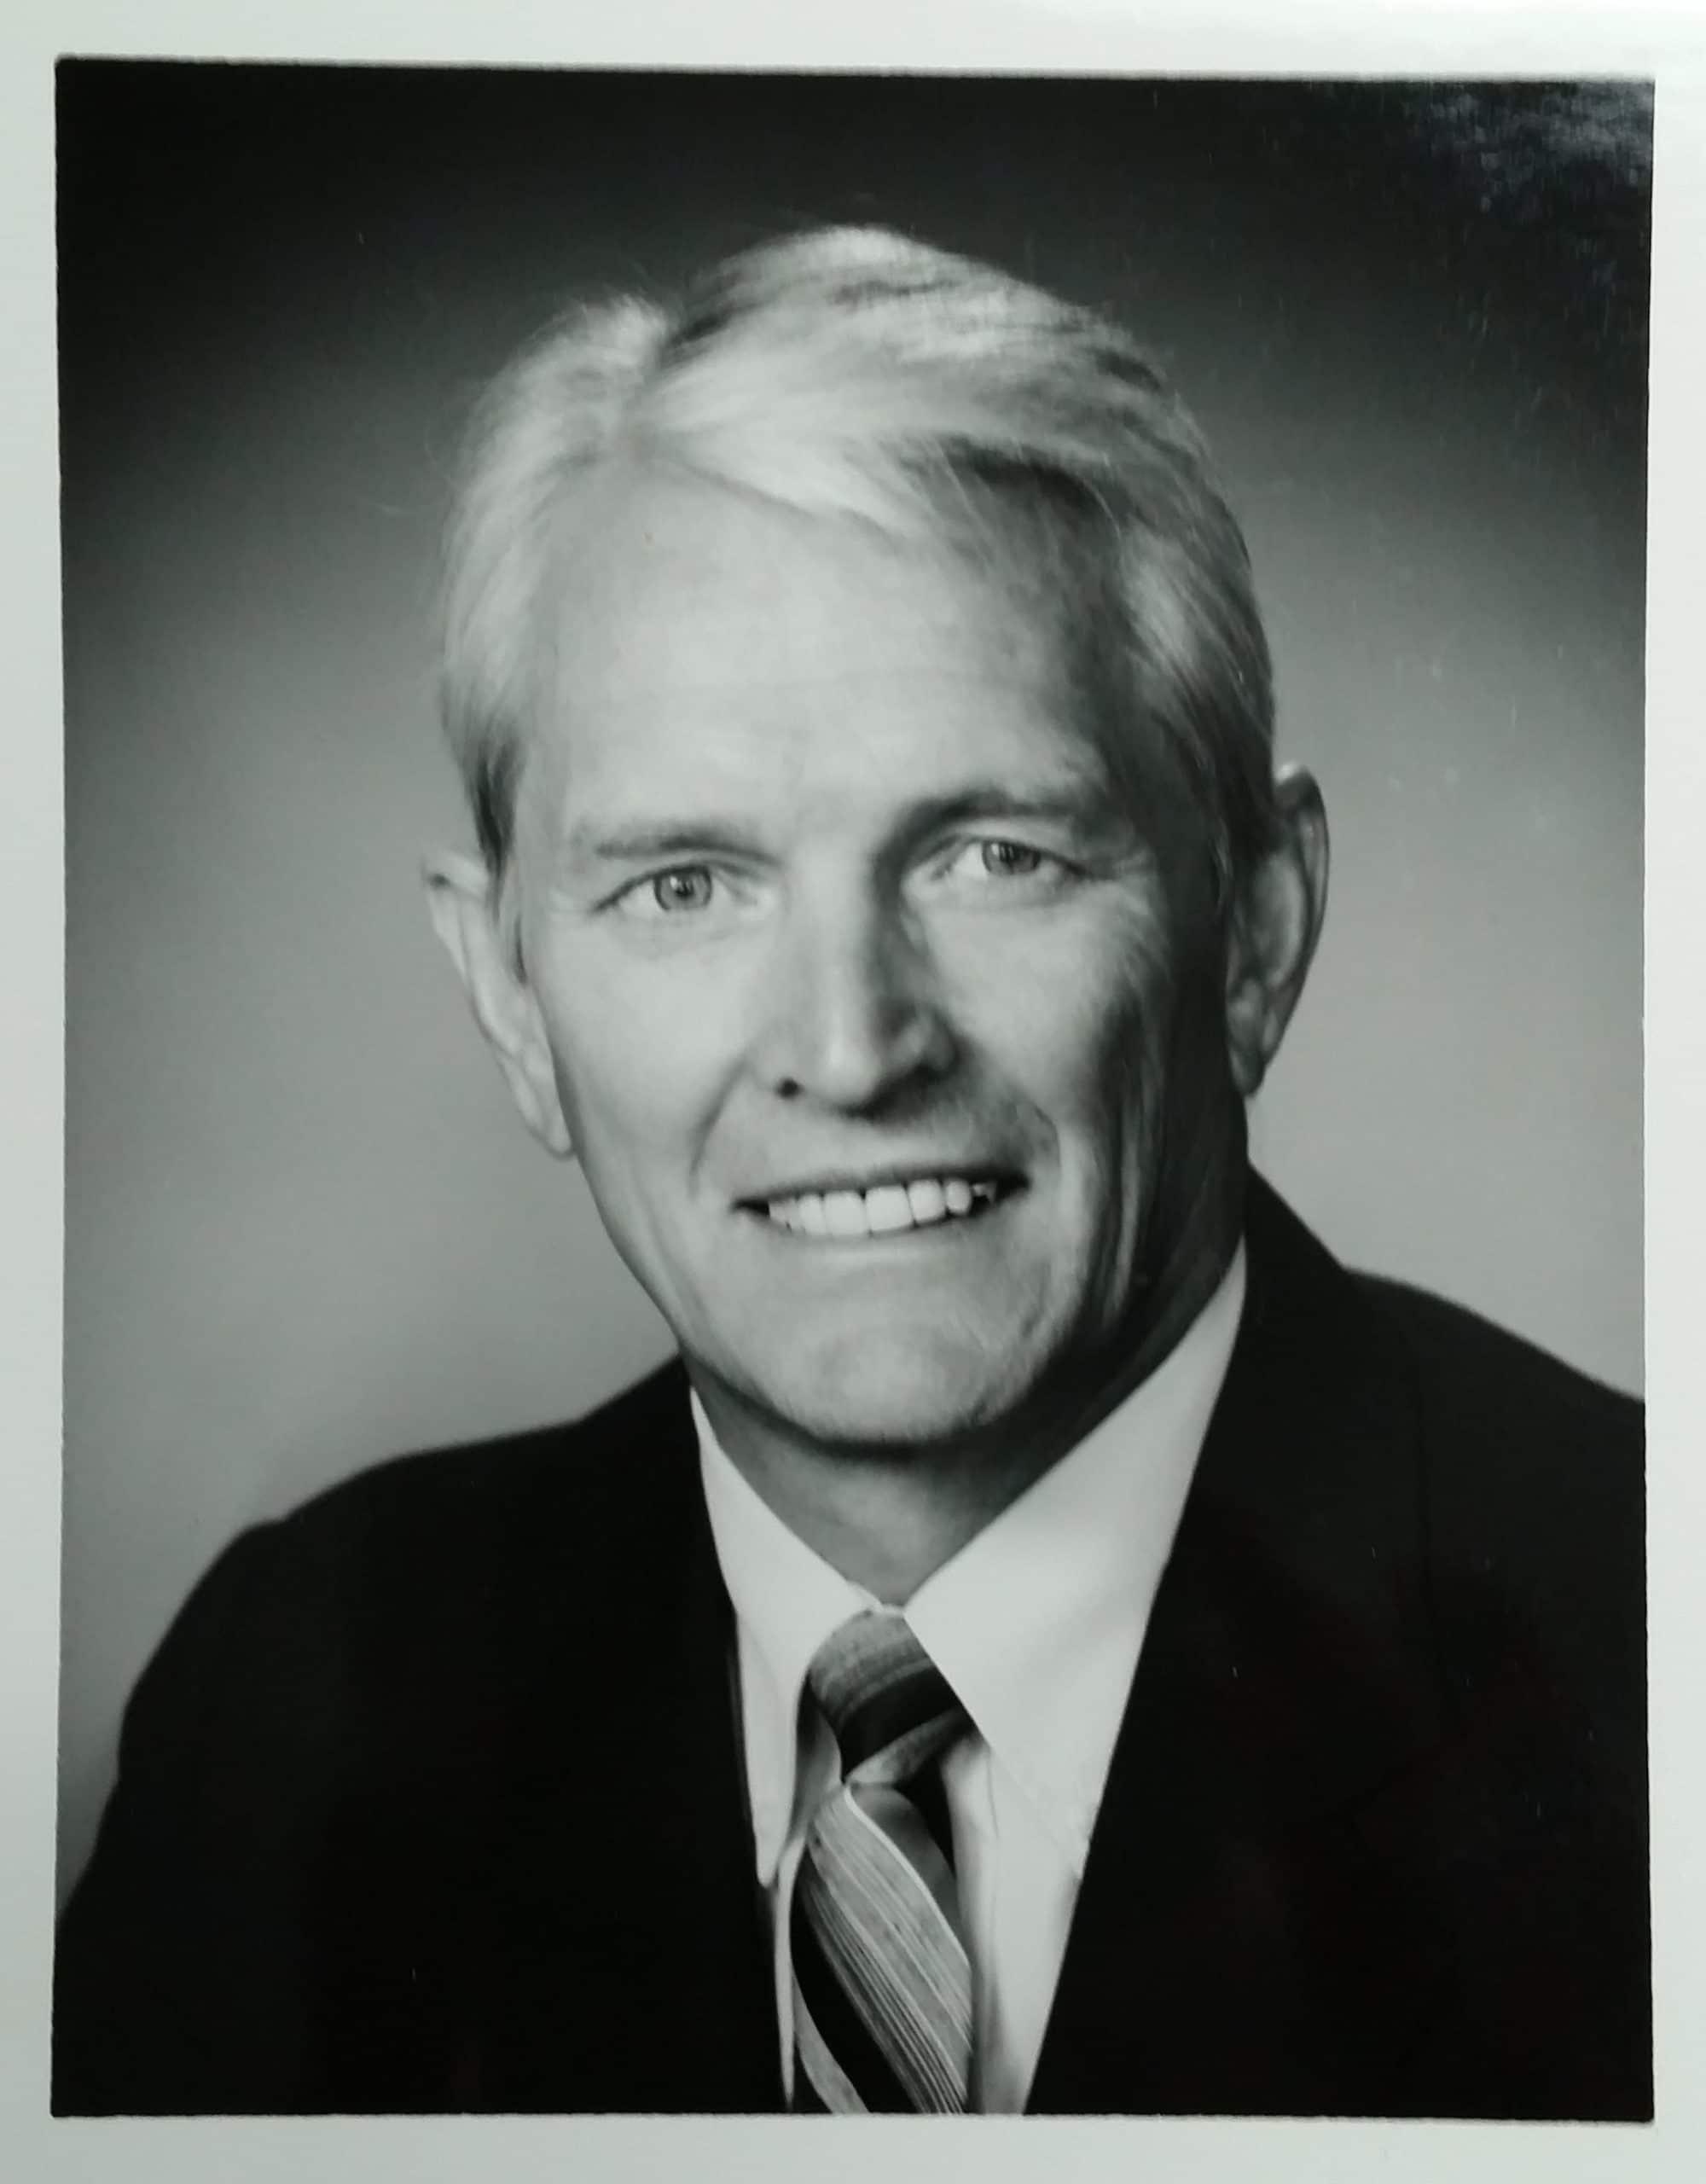 William Haugen scaled